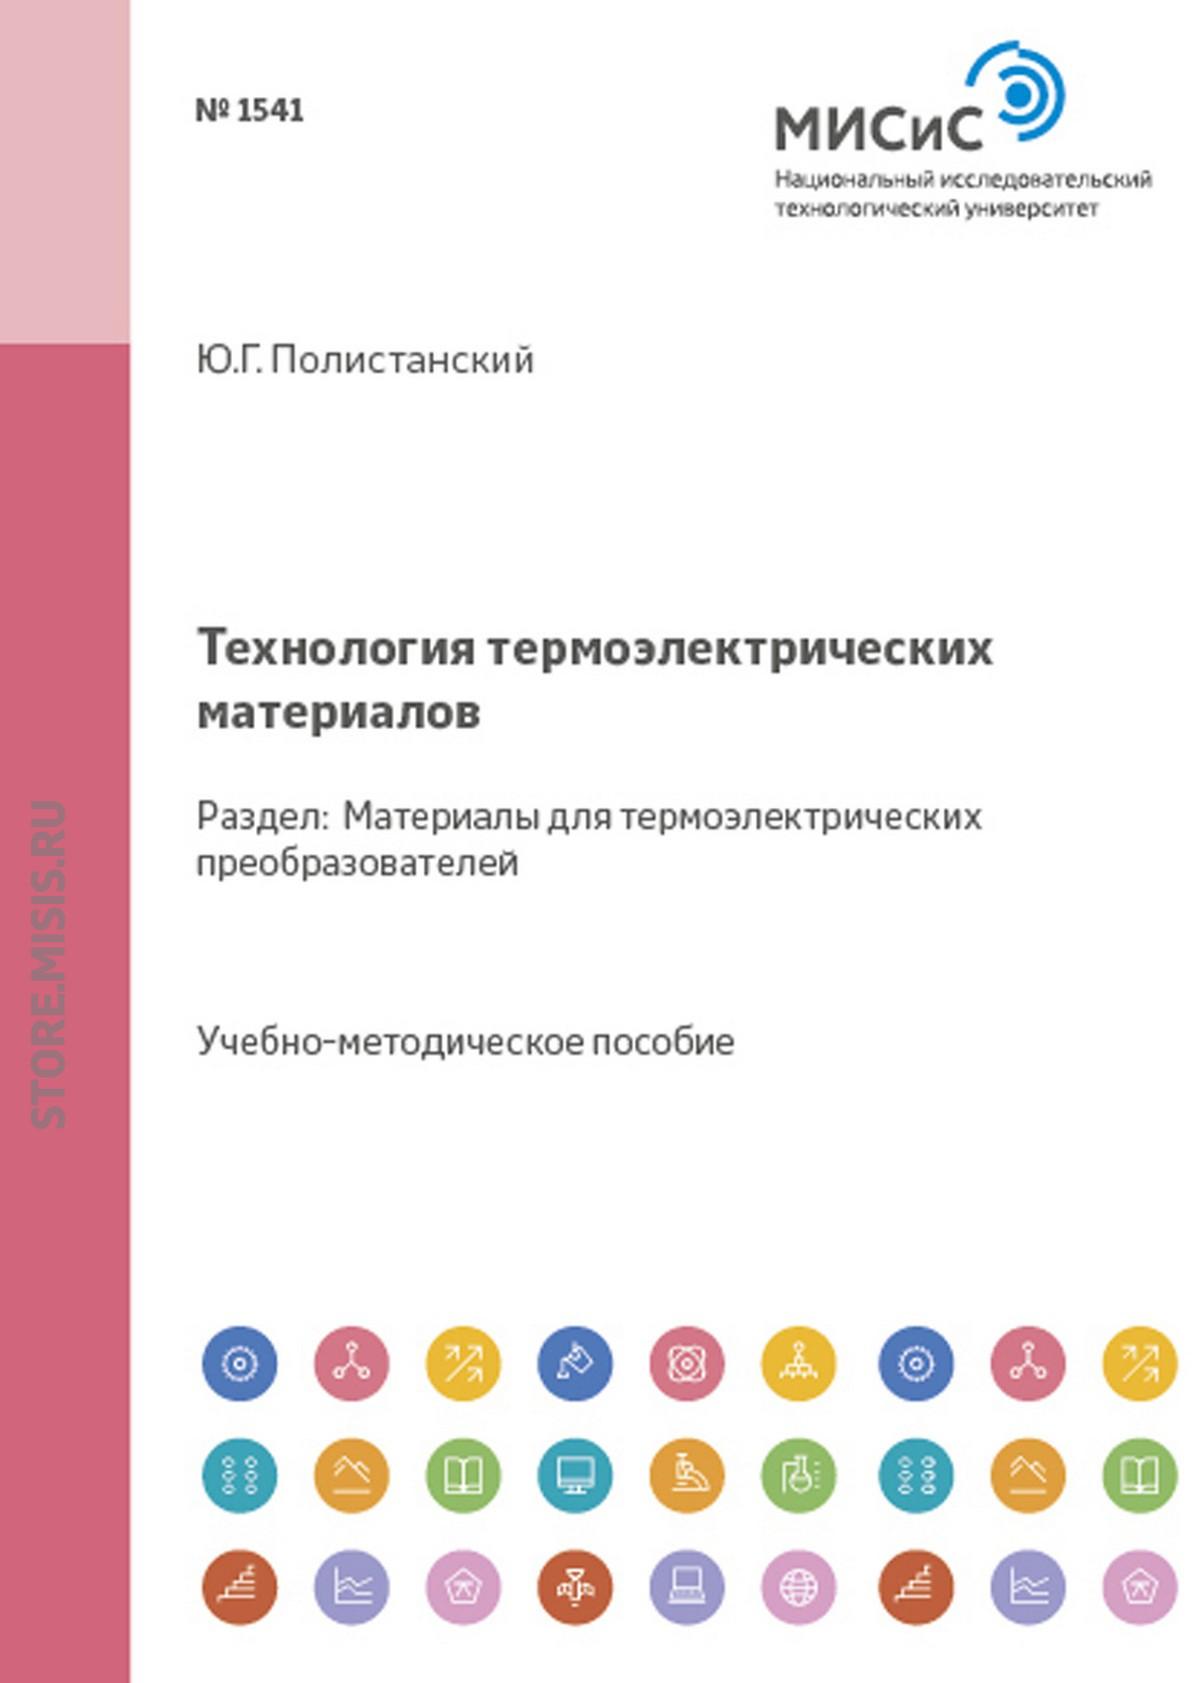 Юрий Полистанский Технология термоэлектрических материалов. Материалы для термоэлектрических преобразователей